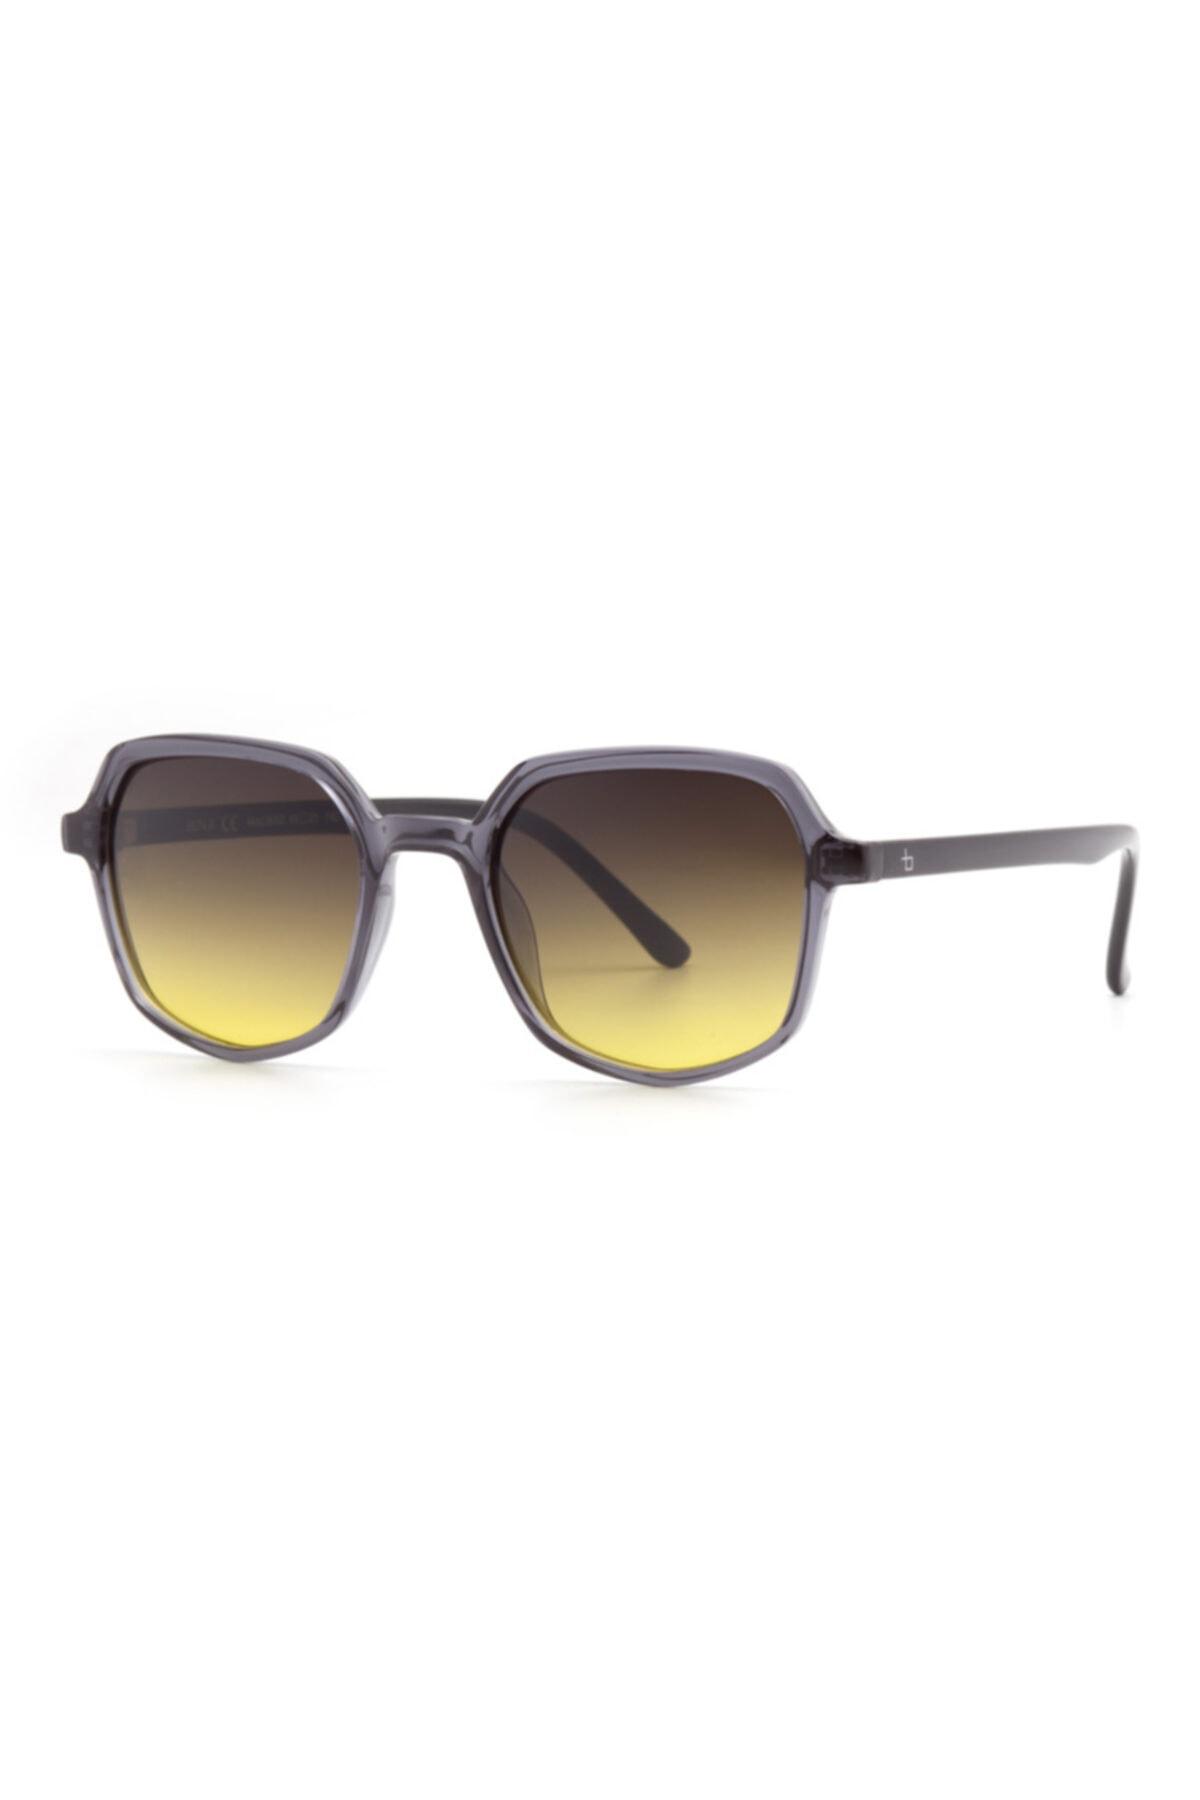 خرید پستی عینک آفتابی زیبا زنانه برند BEN.X رنگ نقره ای کد ty112576059